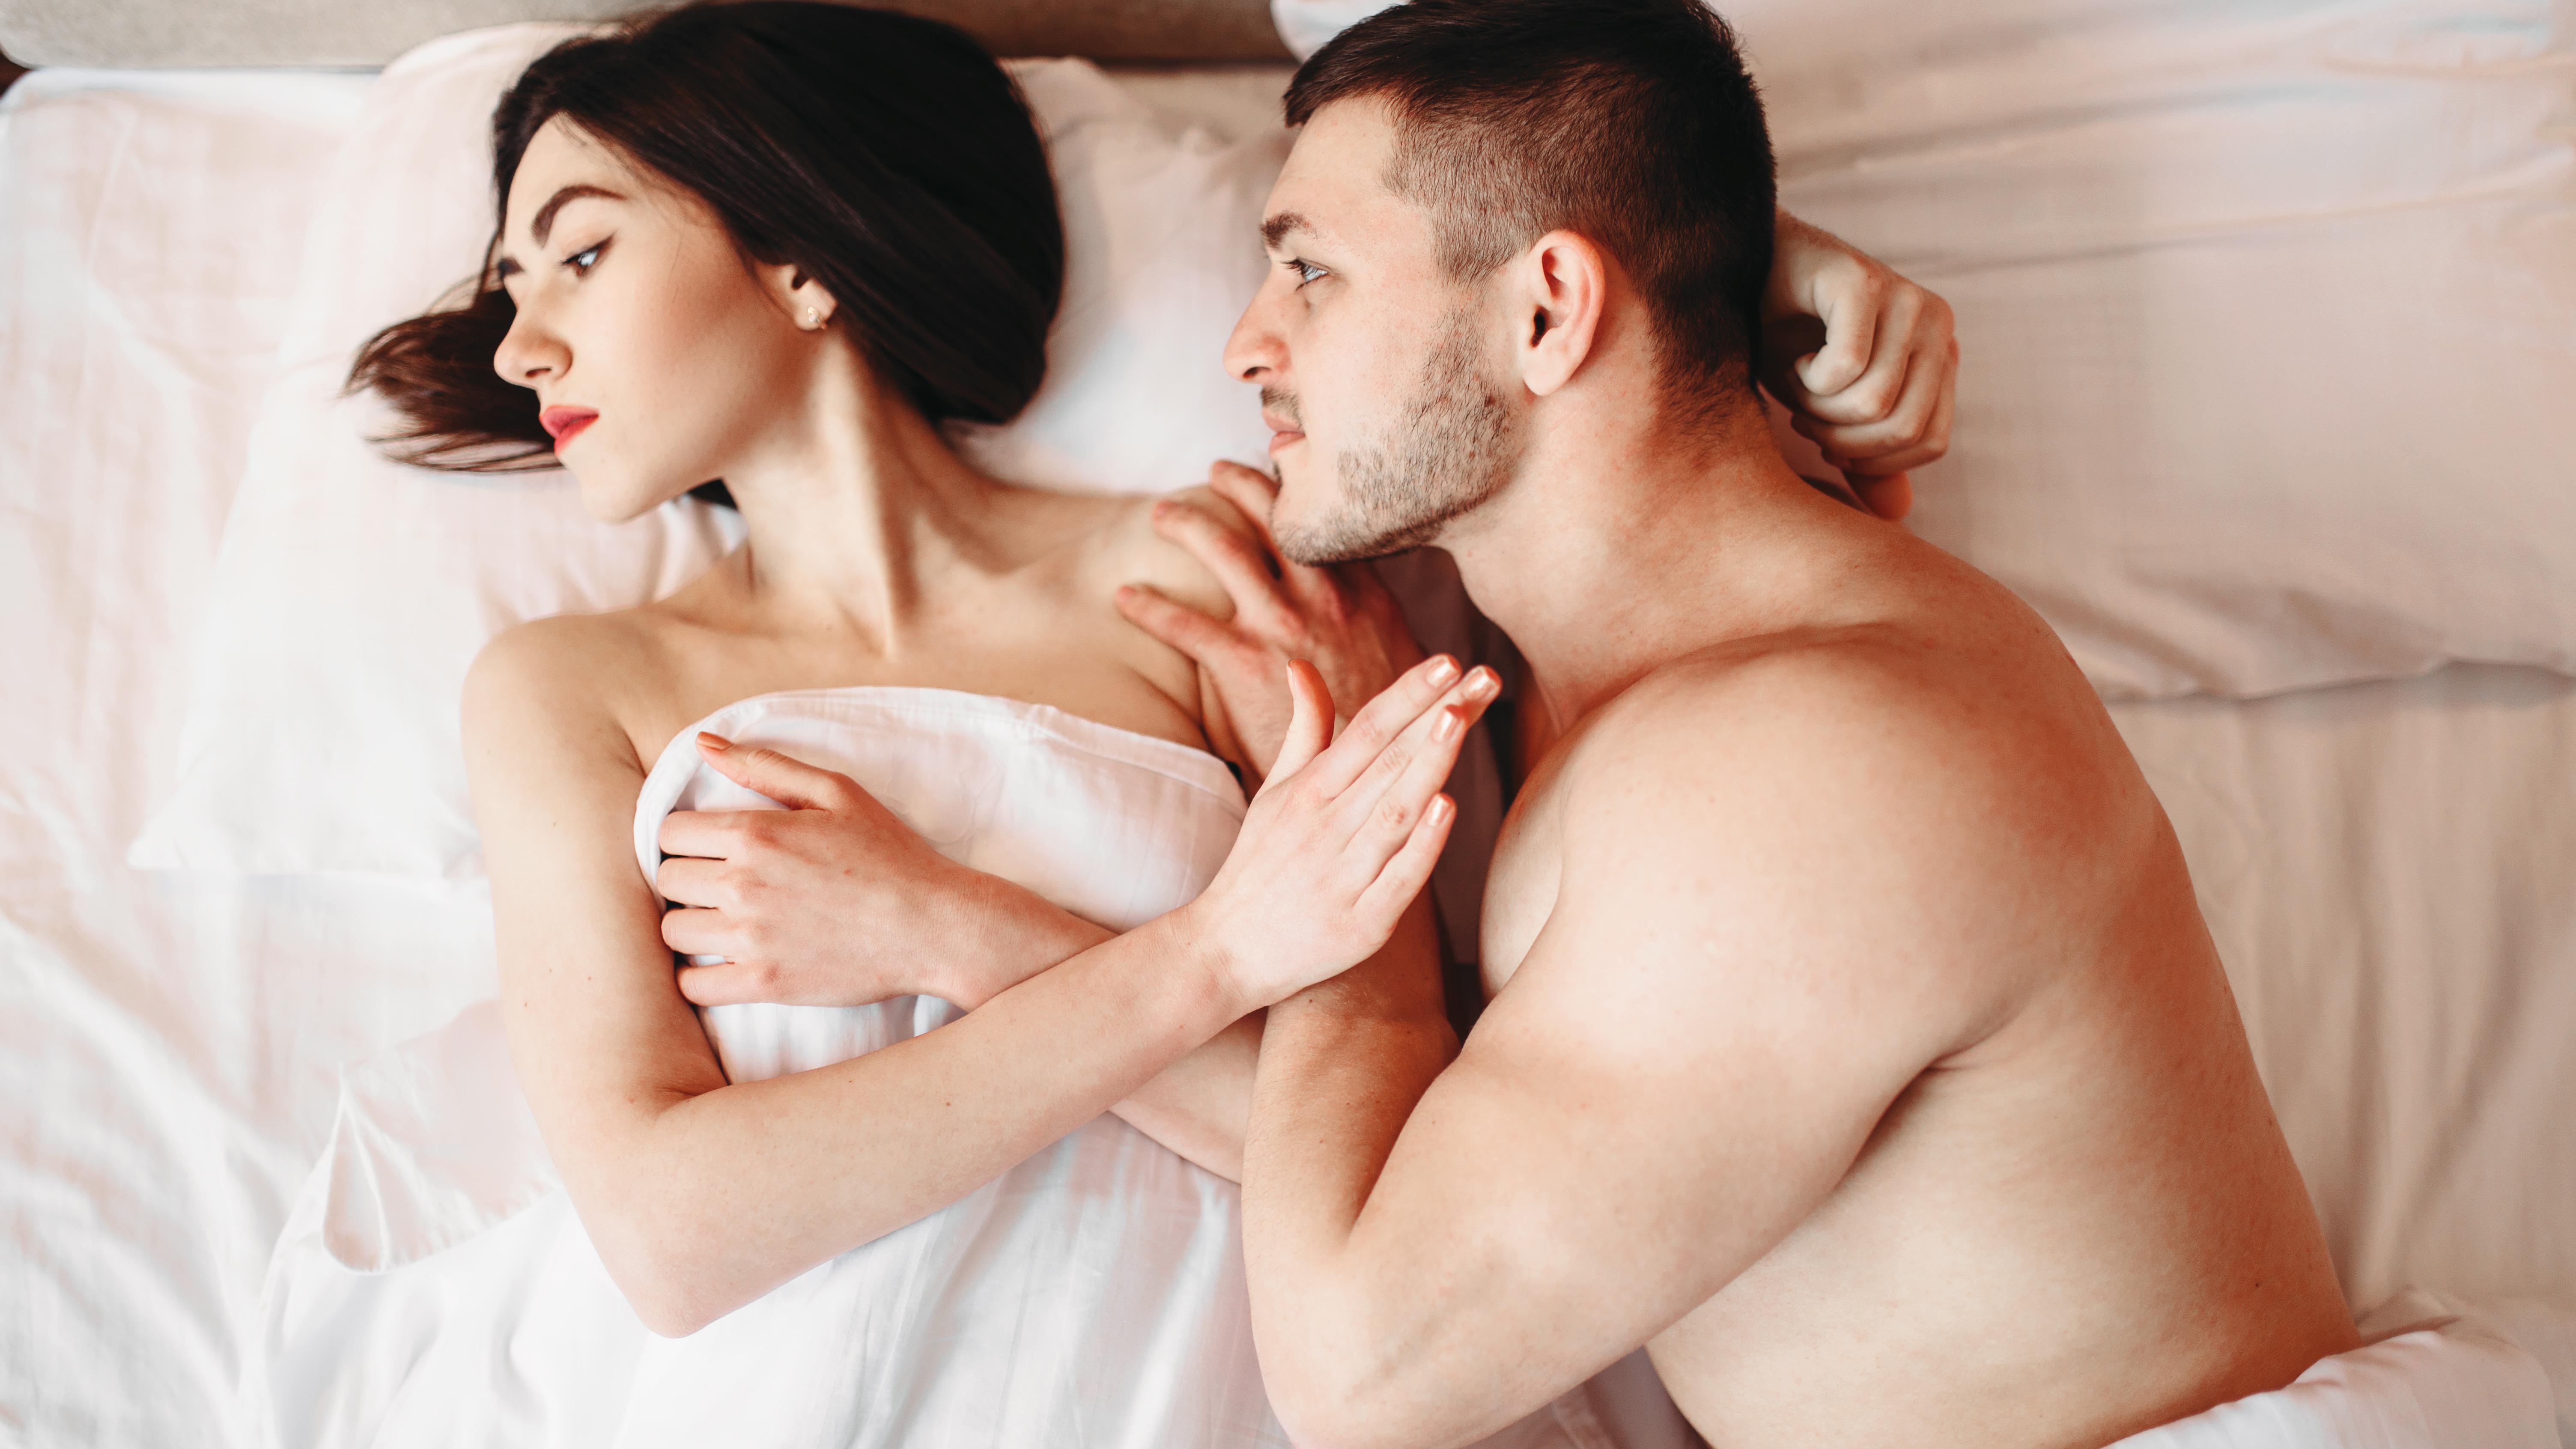 Keine Lust mehr: Das hilft bei sexueller Unlust